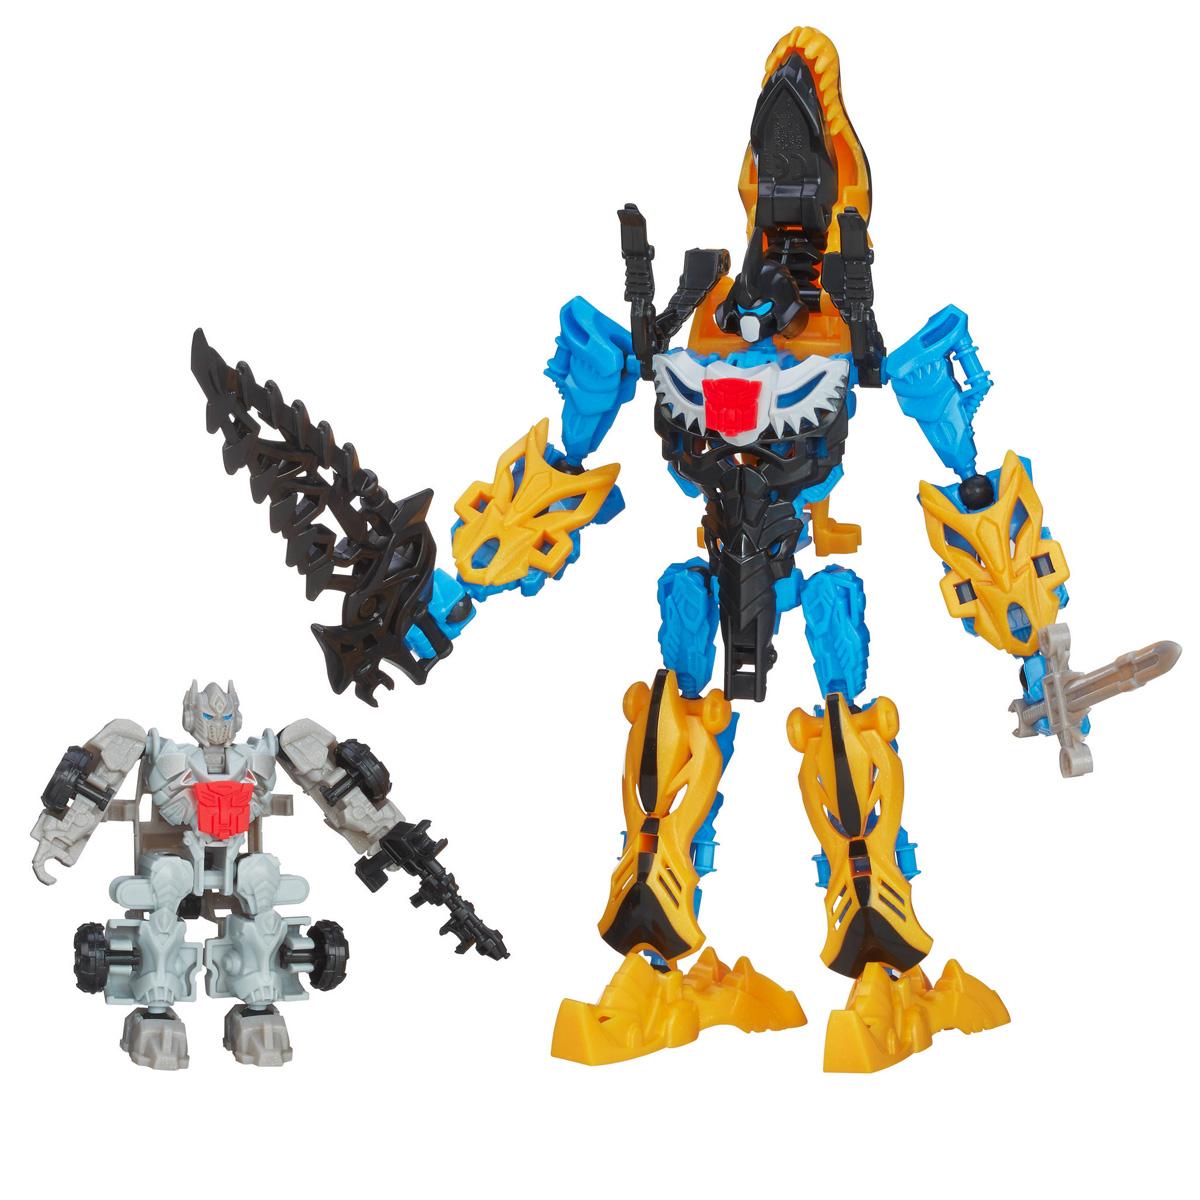 Transformers Констракт-Боты: Silver Knight Optimus Prime & GrimlockA7858E240Конструктор Transformers Констракт-Боты Silver Knight: Optimus Prime & Grimlock понравится вашему маленькому поклоннику Трансформеров и не позволит ему скучать. В комплект входят 44 ярких пластиковых элемента, с помощью которых можно собрать фигурки Оптимуса Прайма и Гримлока - персонажей популярных мультсериалов о Трансформерах. Гримлок может трансформироваться в диноробота, Оптимус Прайм - в боевую машину. В комплект входят 2 буклета со схематичными инструкциями для сборки фигурок. Ваш ребенок часами будет играть с конструктором, придумывая разные истории. Порадуйте его таким замечательным подарком!